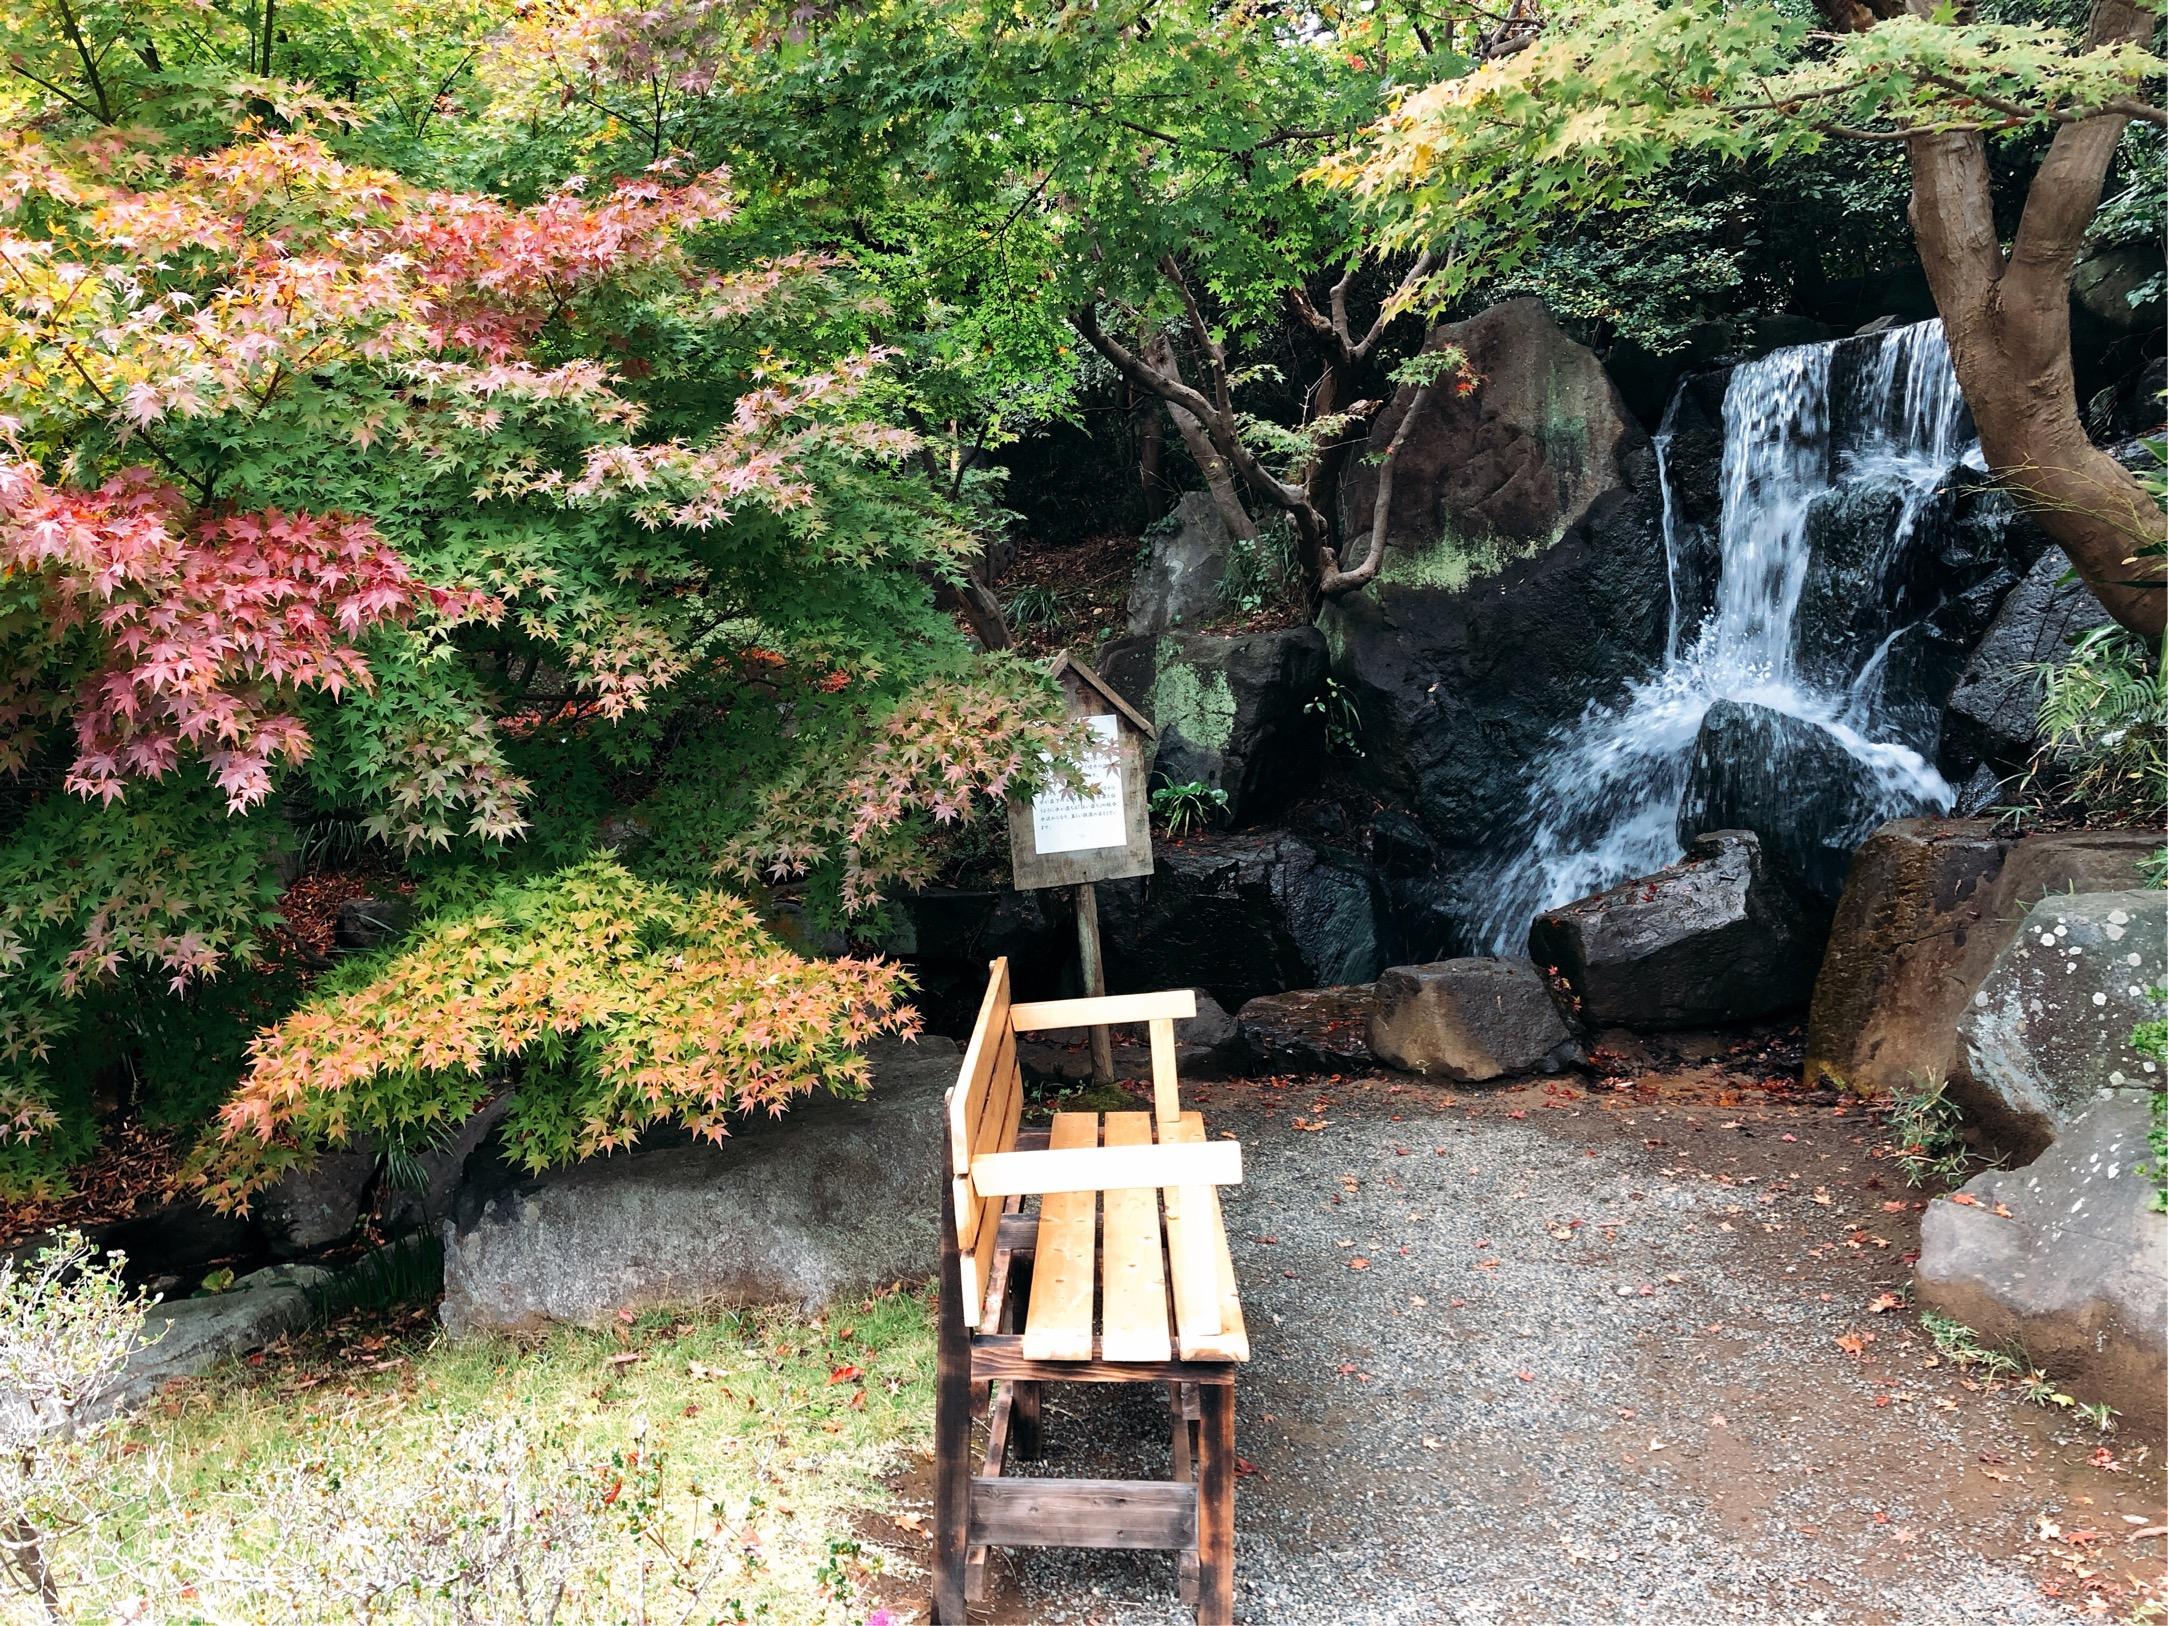 しおさい公園、噴井の滝。いきおいよく湧き出る滝は、水しぶきがたっていて気持ちがよい。